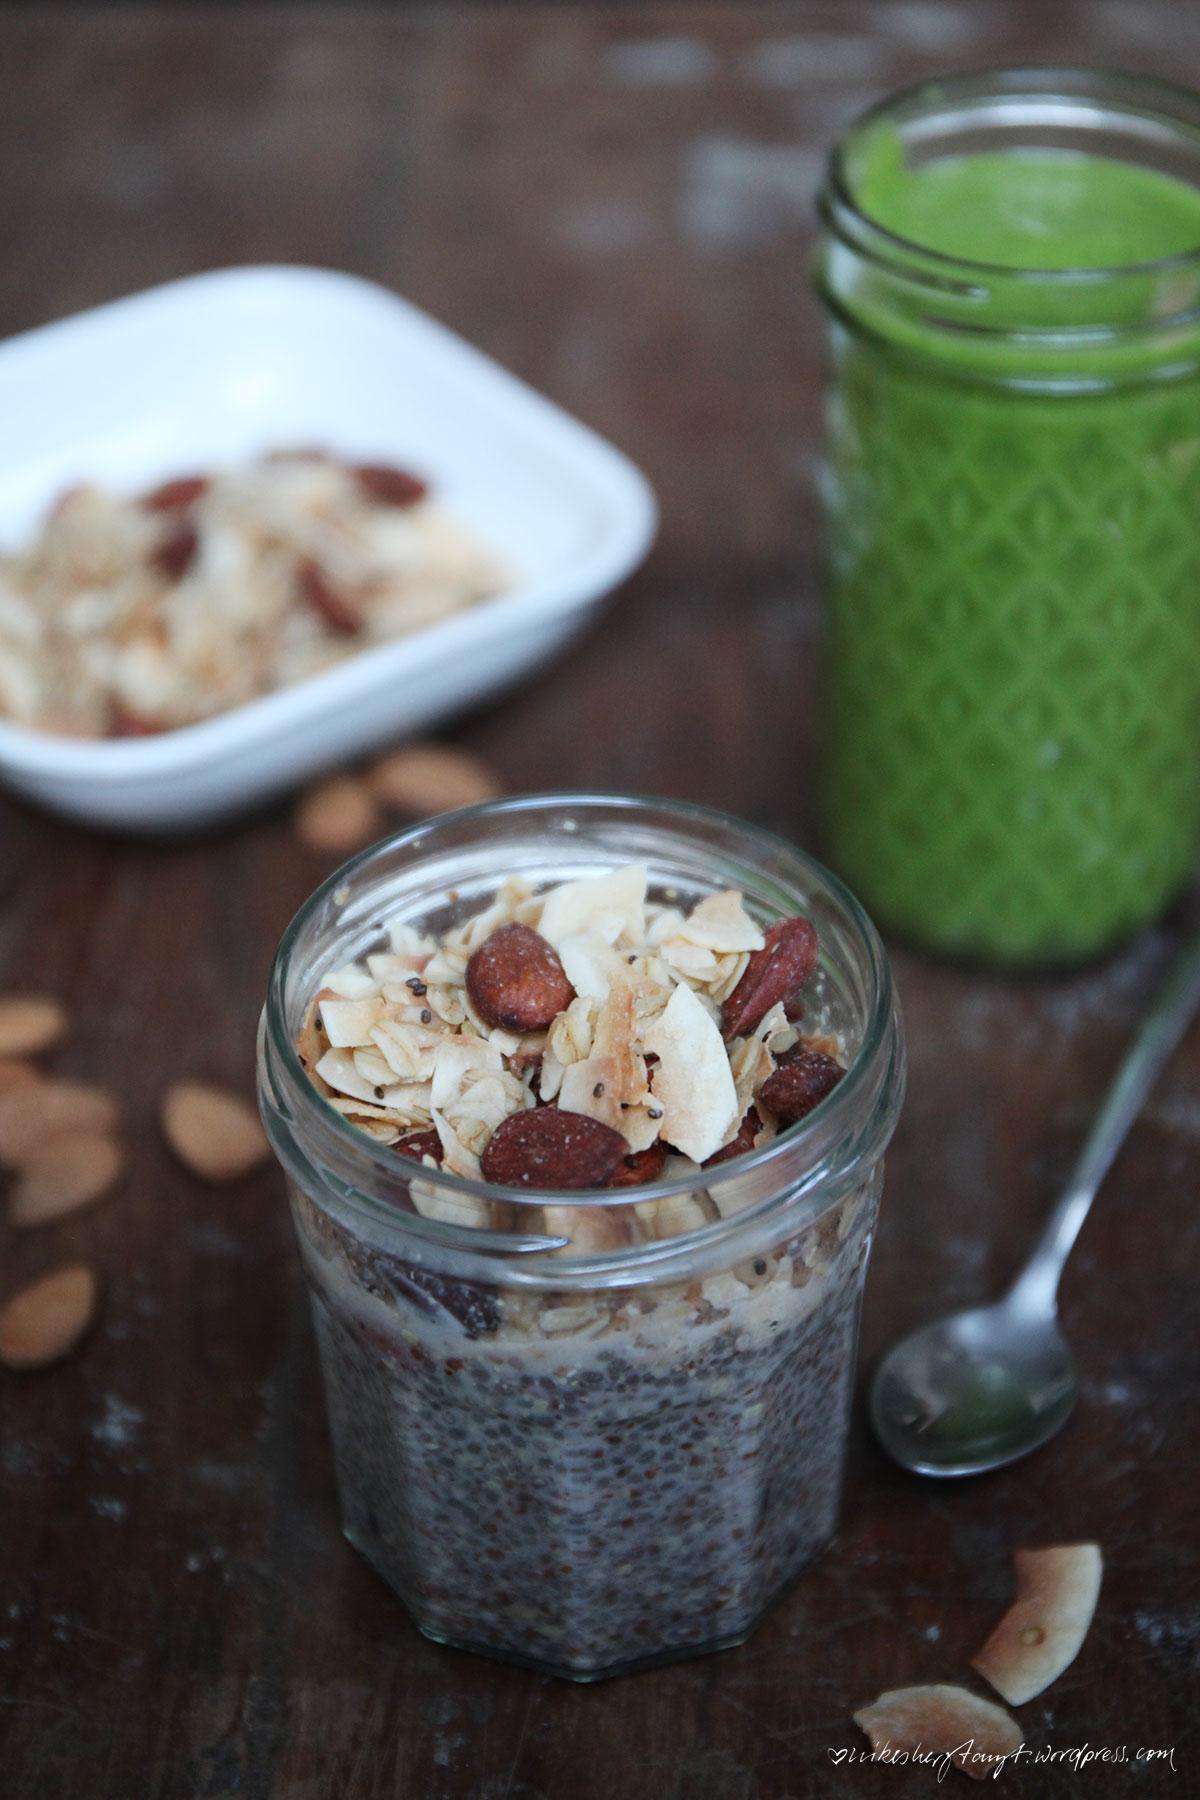 kokos mandel granola, iquitsugar, zuckerfrei, frühstück, sarah wilson, frühstücksglück, grüner smoothie, chiasamen, superfood, kokoschips, kokosöl, mandeln, haferflocken, müsli, nikesherztanzt